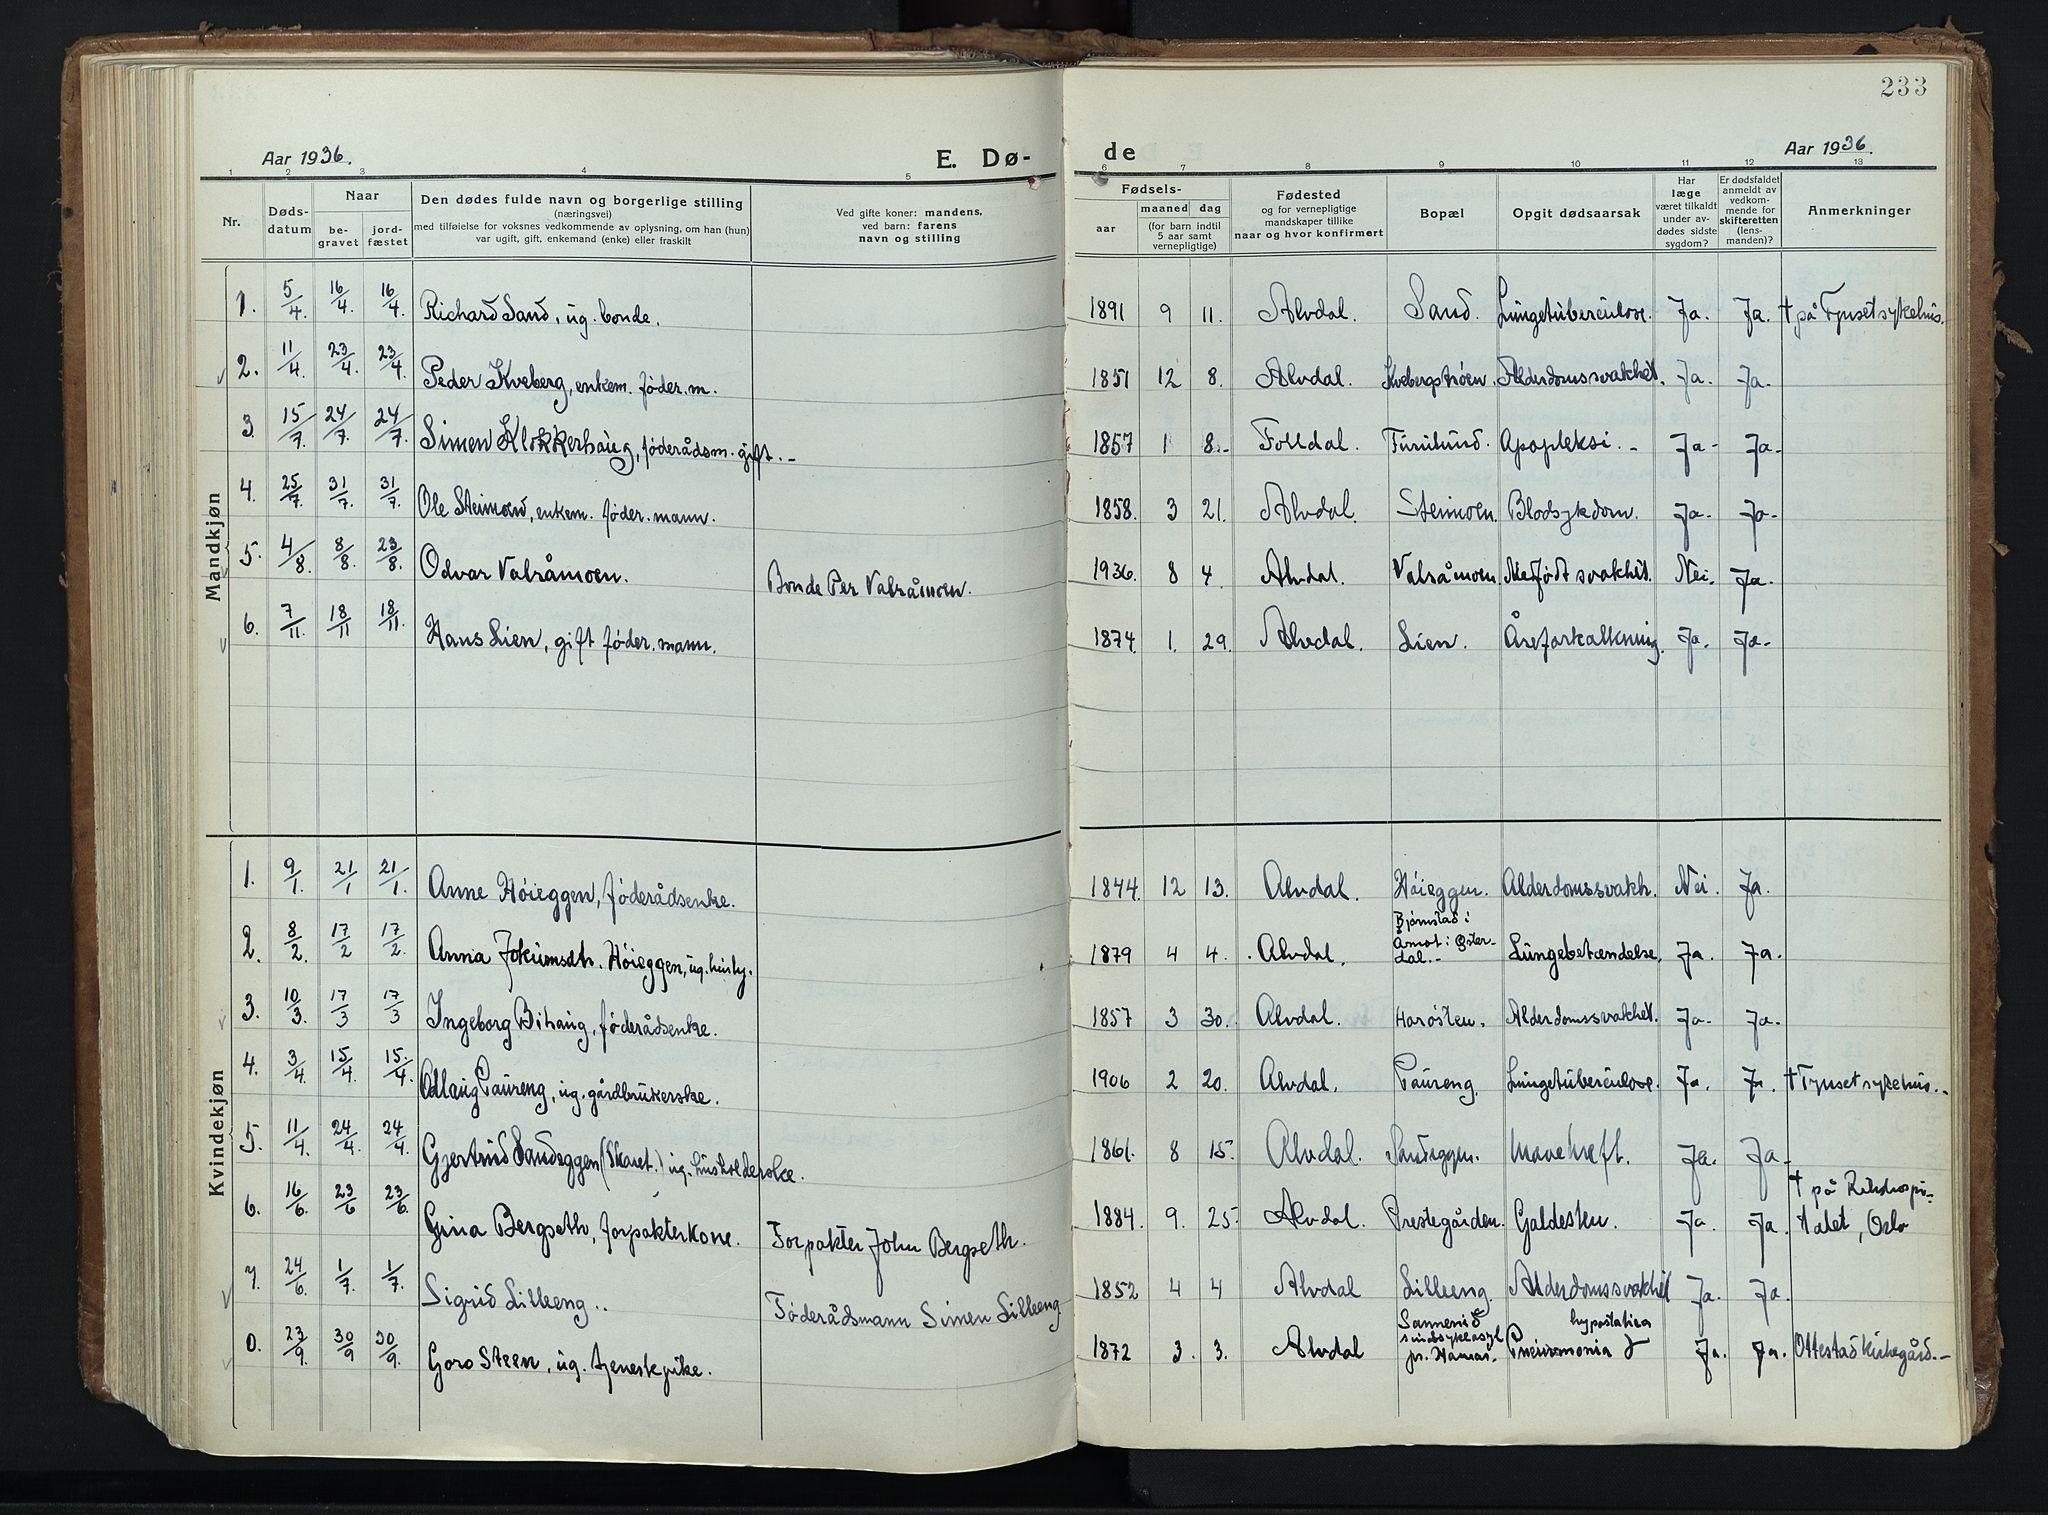 SAH, Alvdal prestekontor, Ministerialbok nr. 6, 1920-1937, s. 233